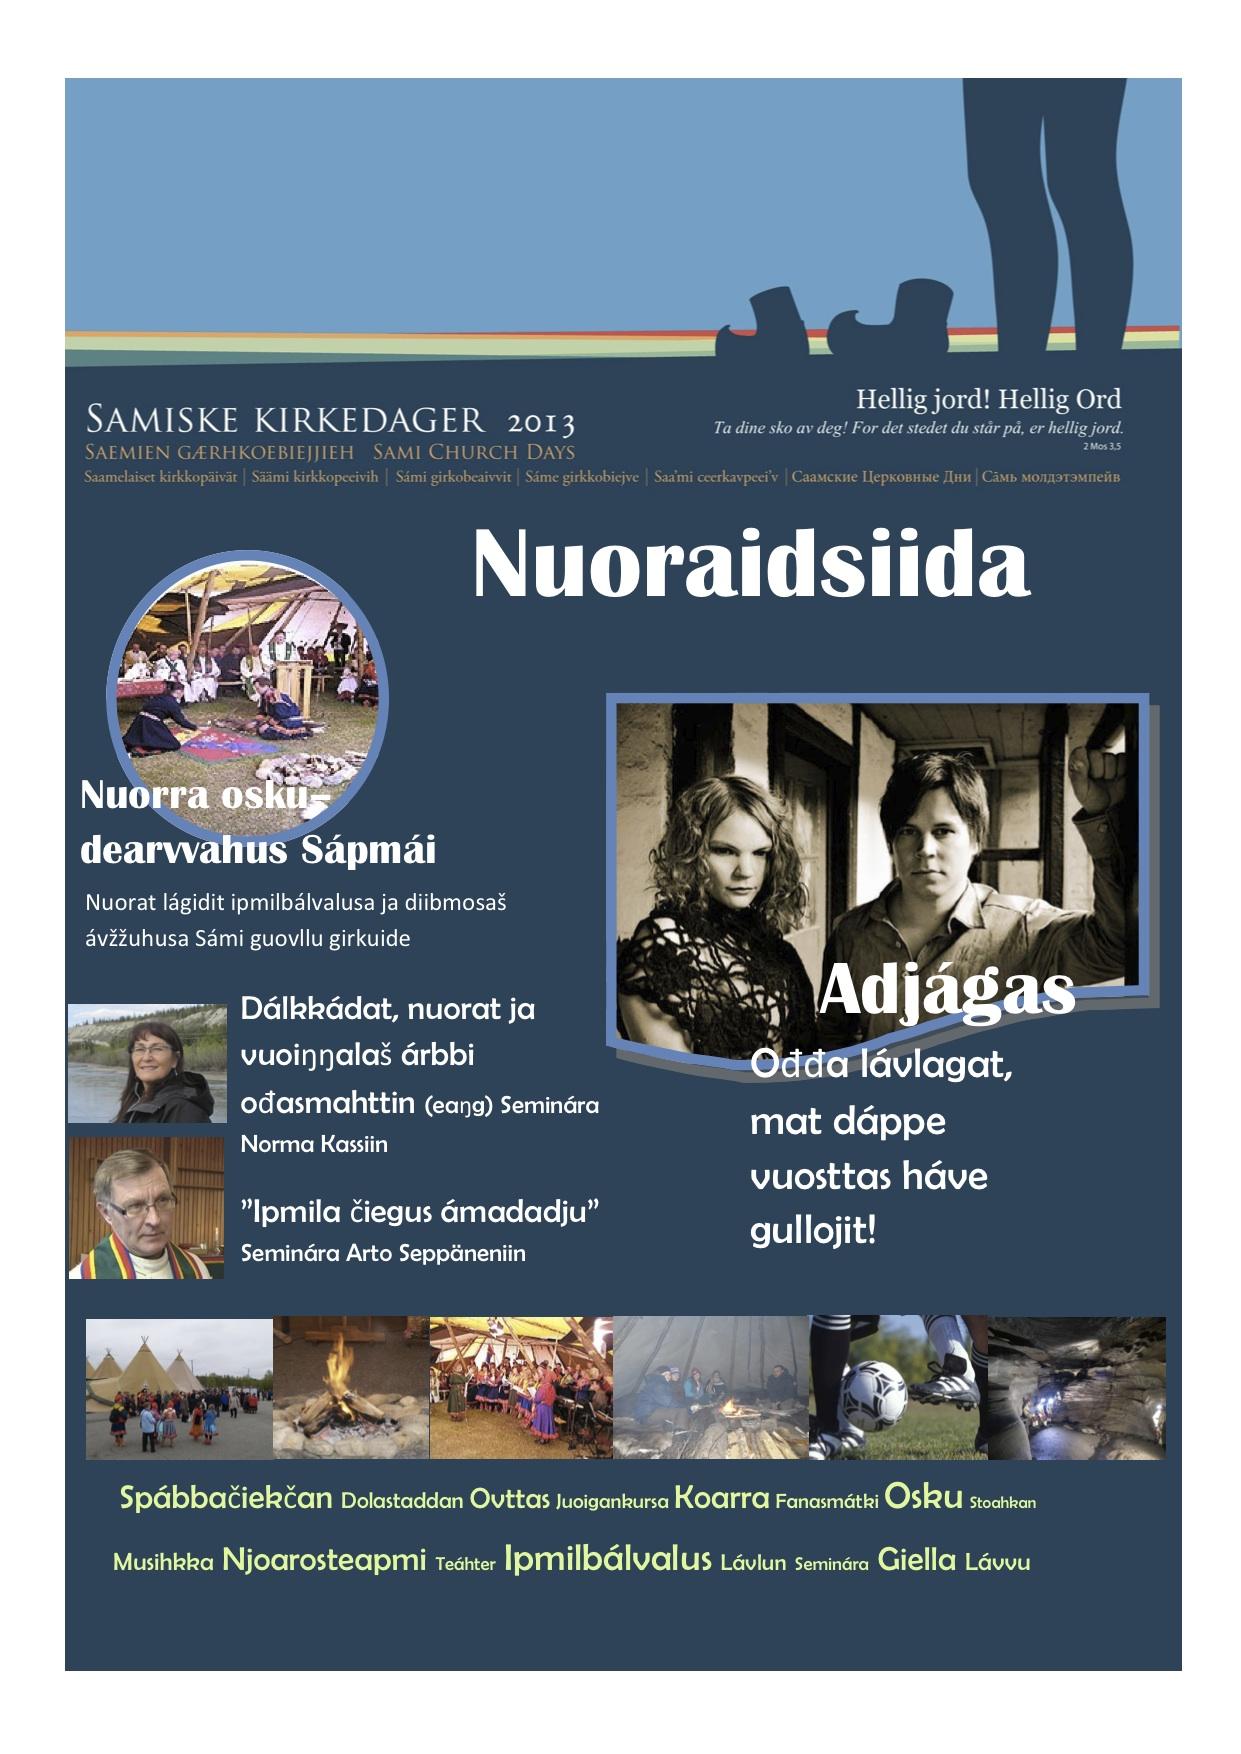 Plakat ungdomssiida samisk